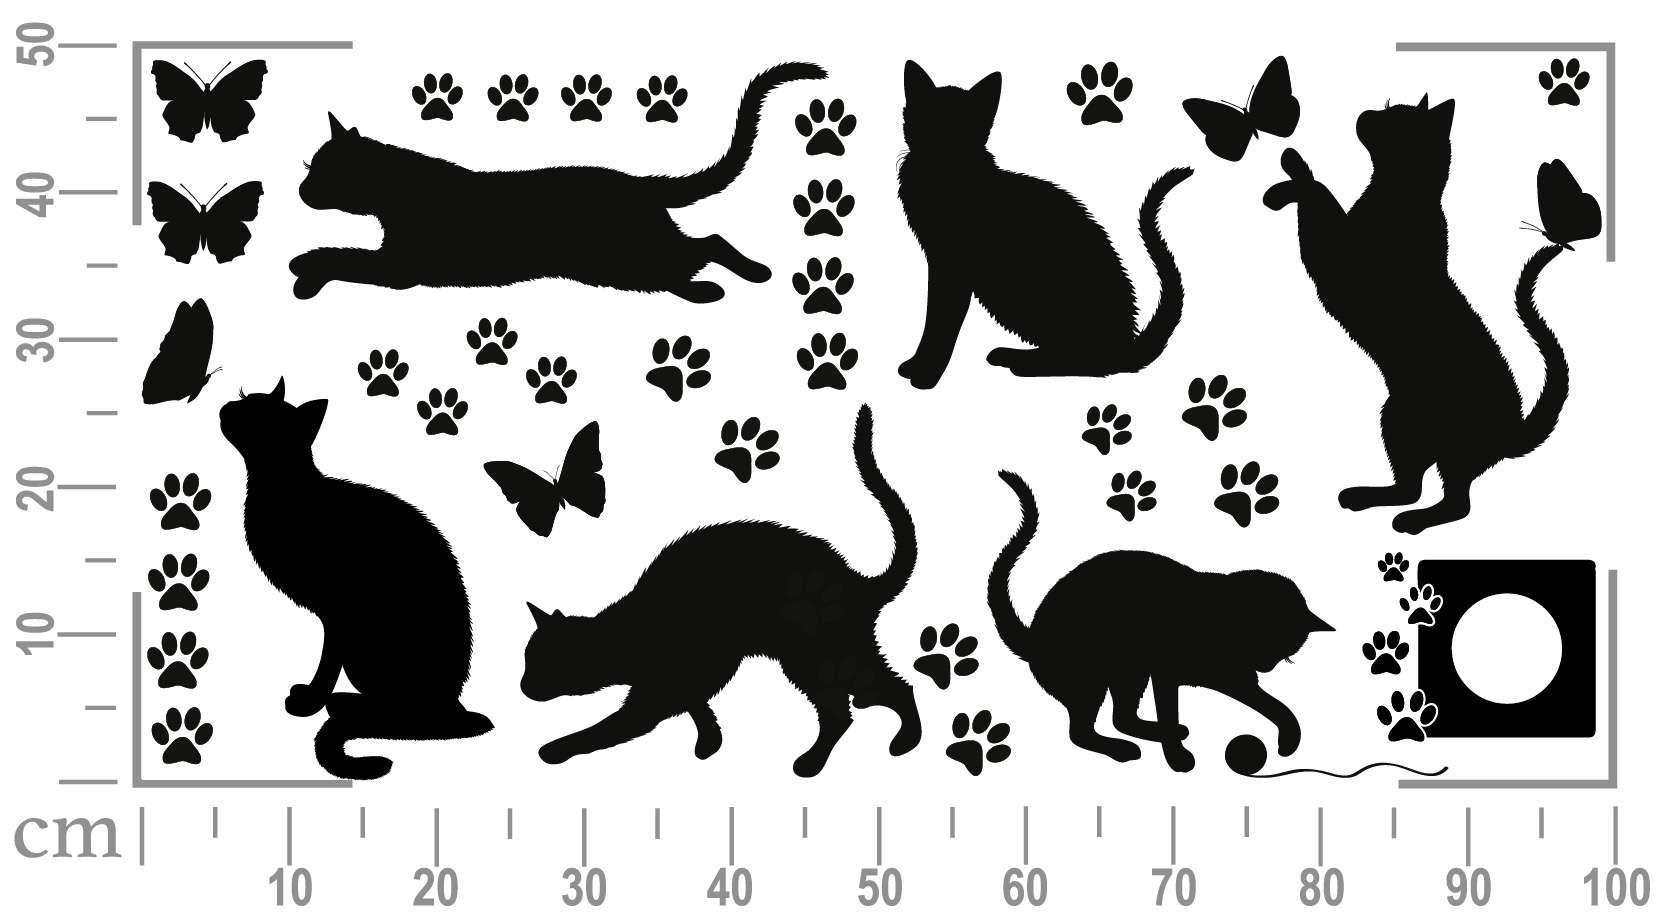 Как сделать трафарет с кошками